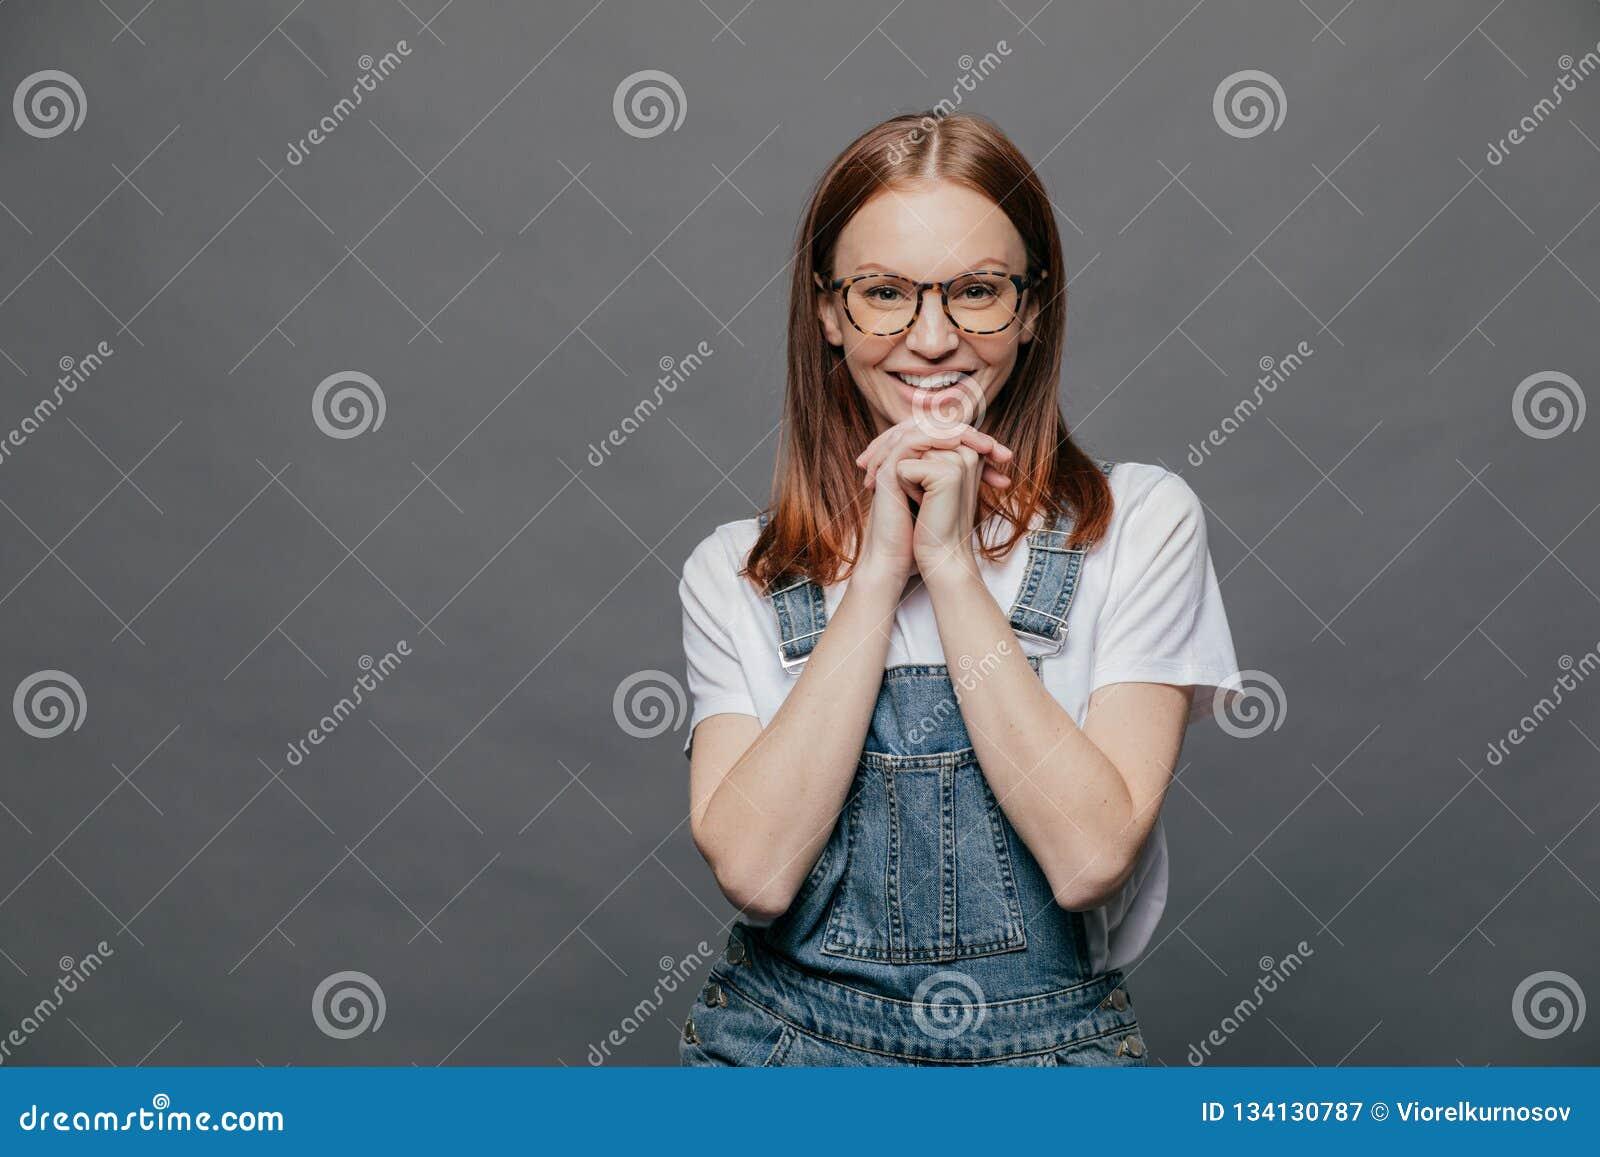 Ο οριζόντιος πυροβολισμός της ευτυχούς ευτυχούς γυναίκας κρατά και τα δύο χέρια κάτω από το πηγούνι, έχει το χαμόγελο στο πρόσωπο